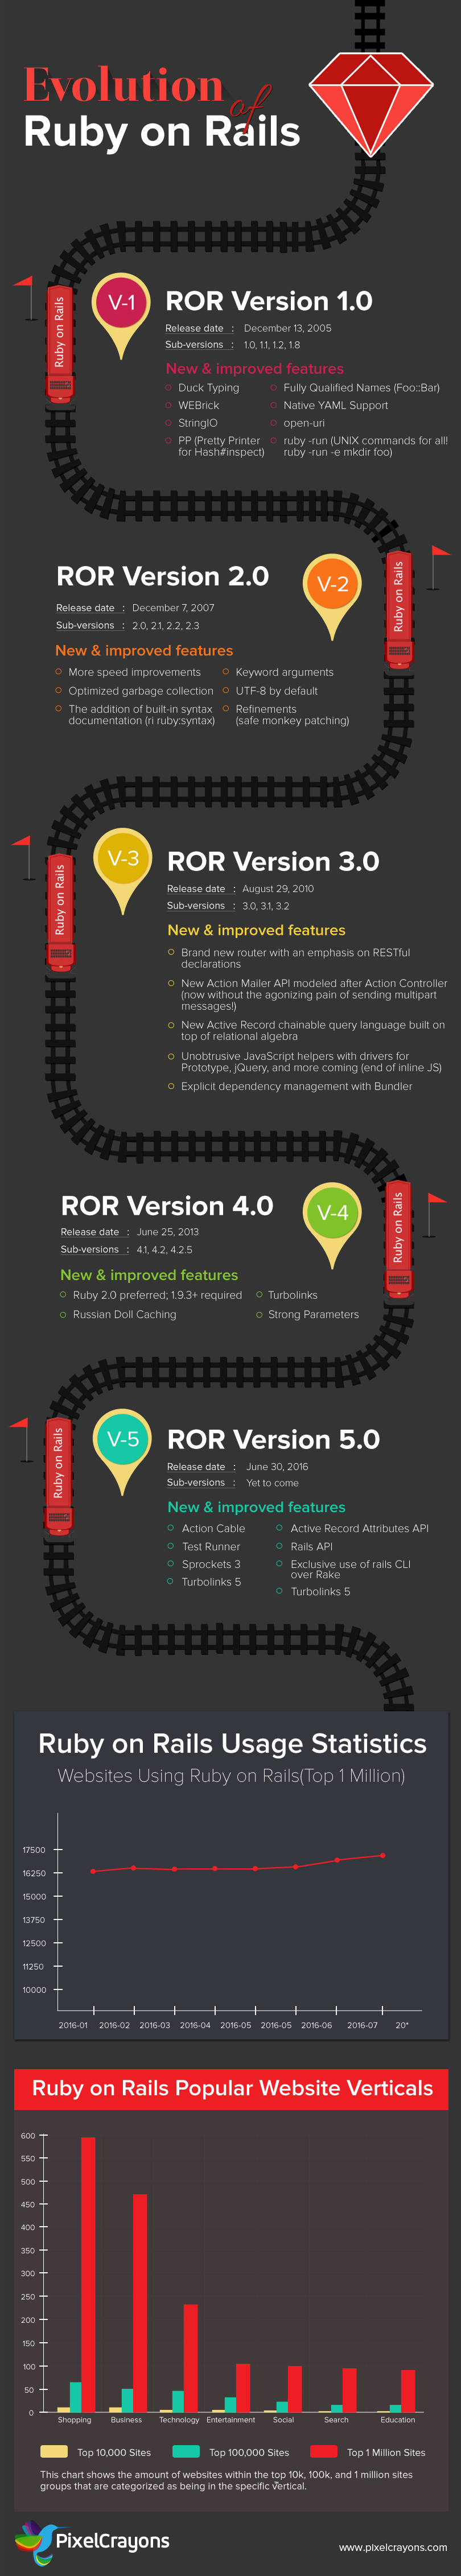 RoR_Infographic